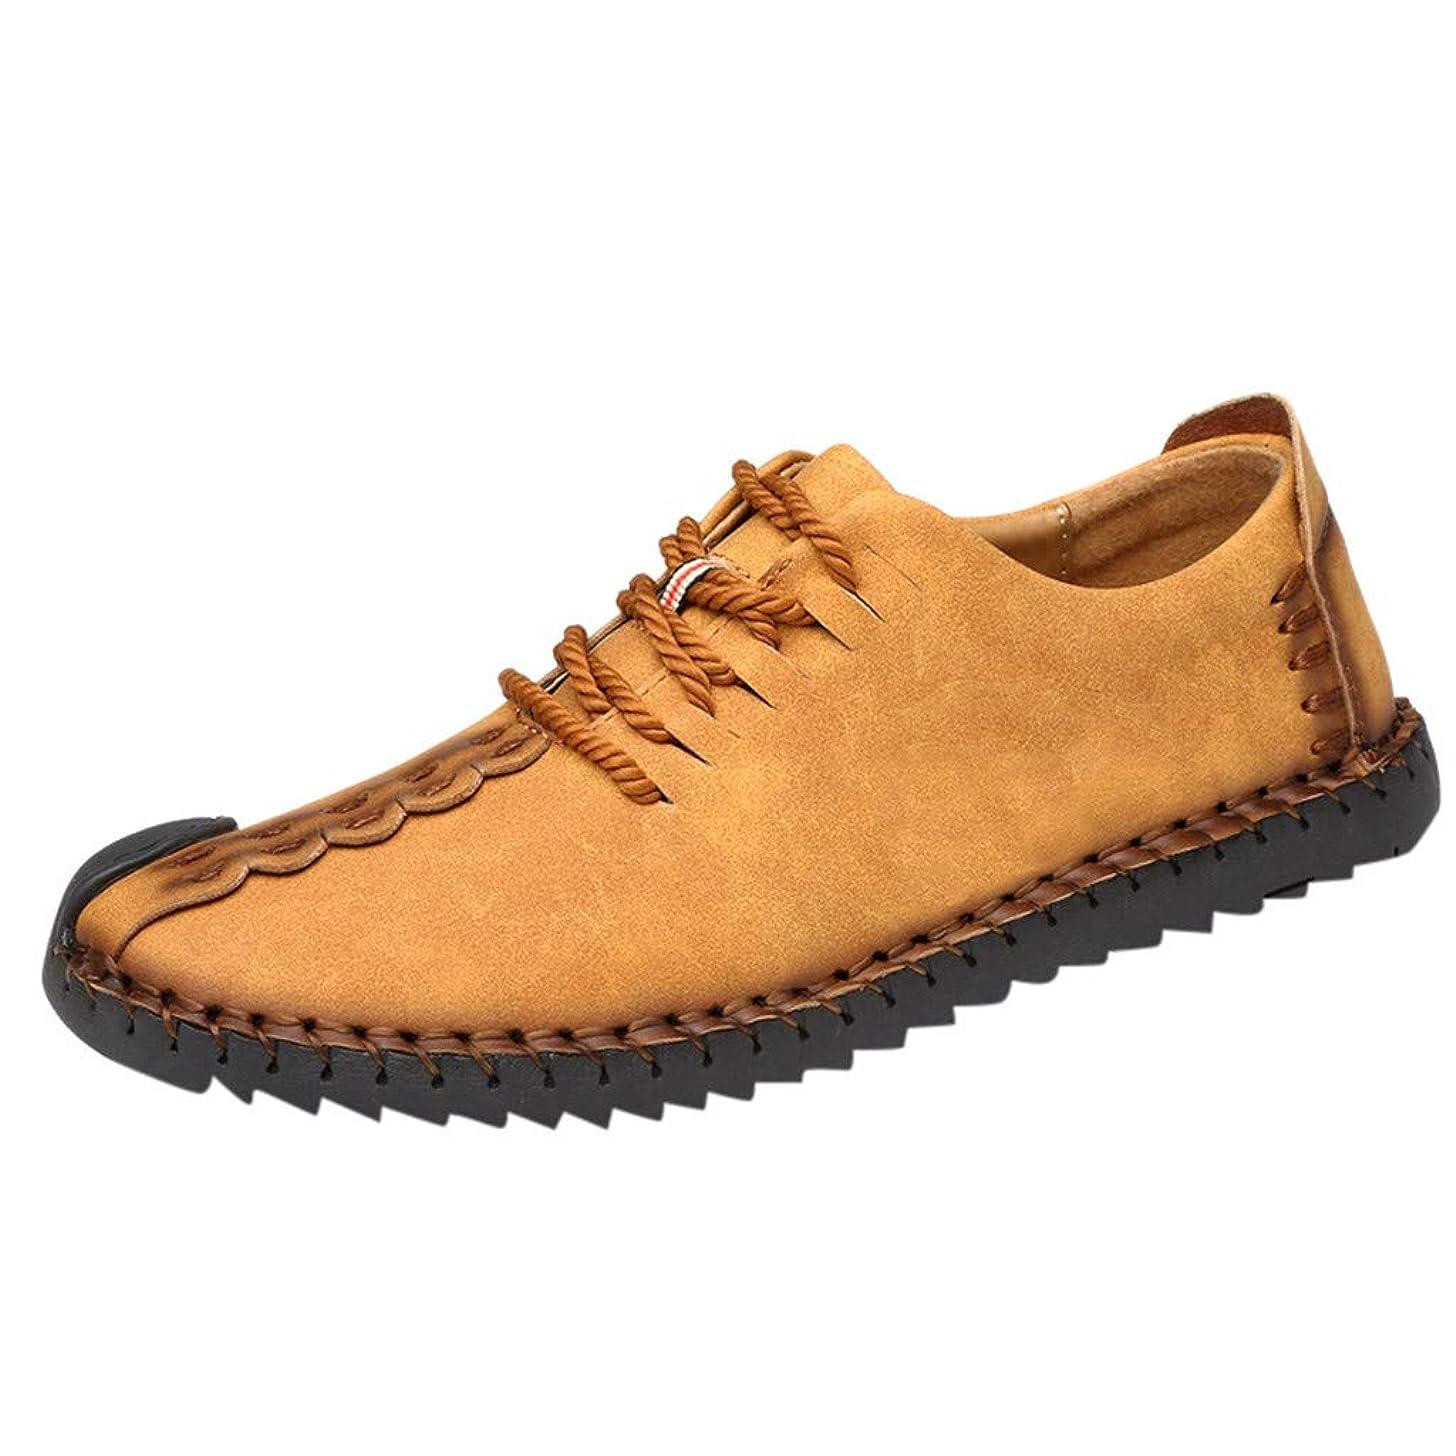 Men Khaki Leather Shoes, Male Outdoor Layer Shoe Casual Non-Slip Shoes Lace-Up Wear-Resistant Walking Shoes Business Shoes lkoezi